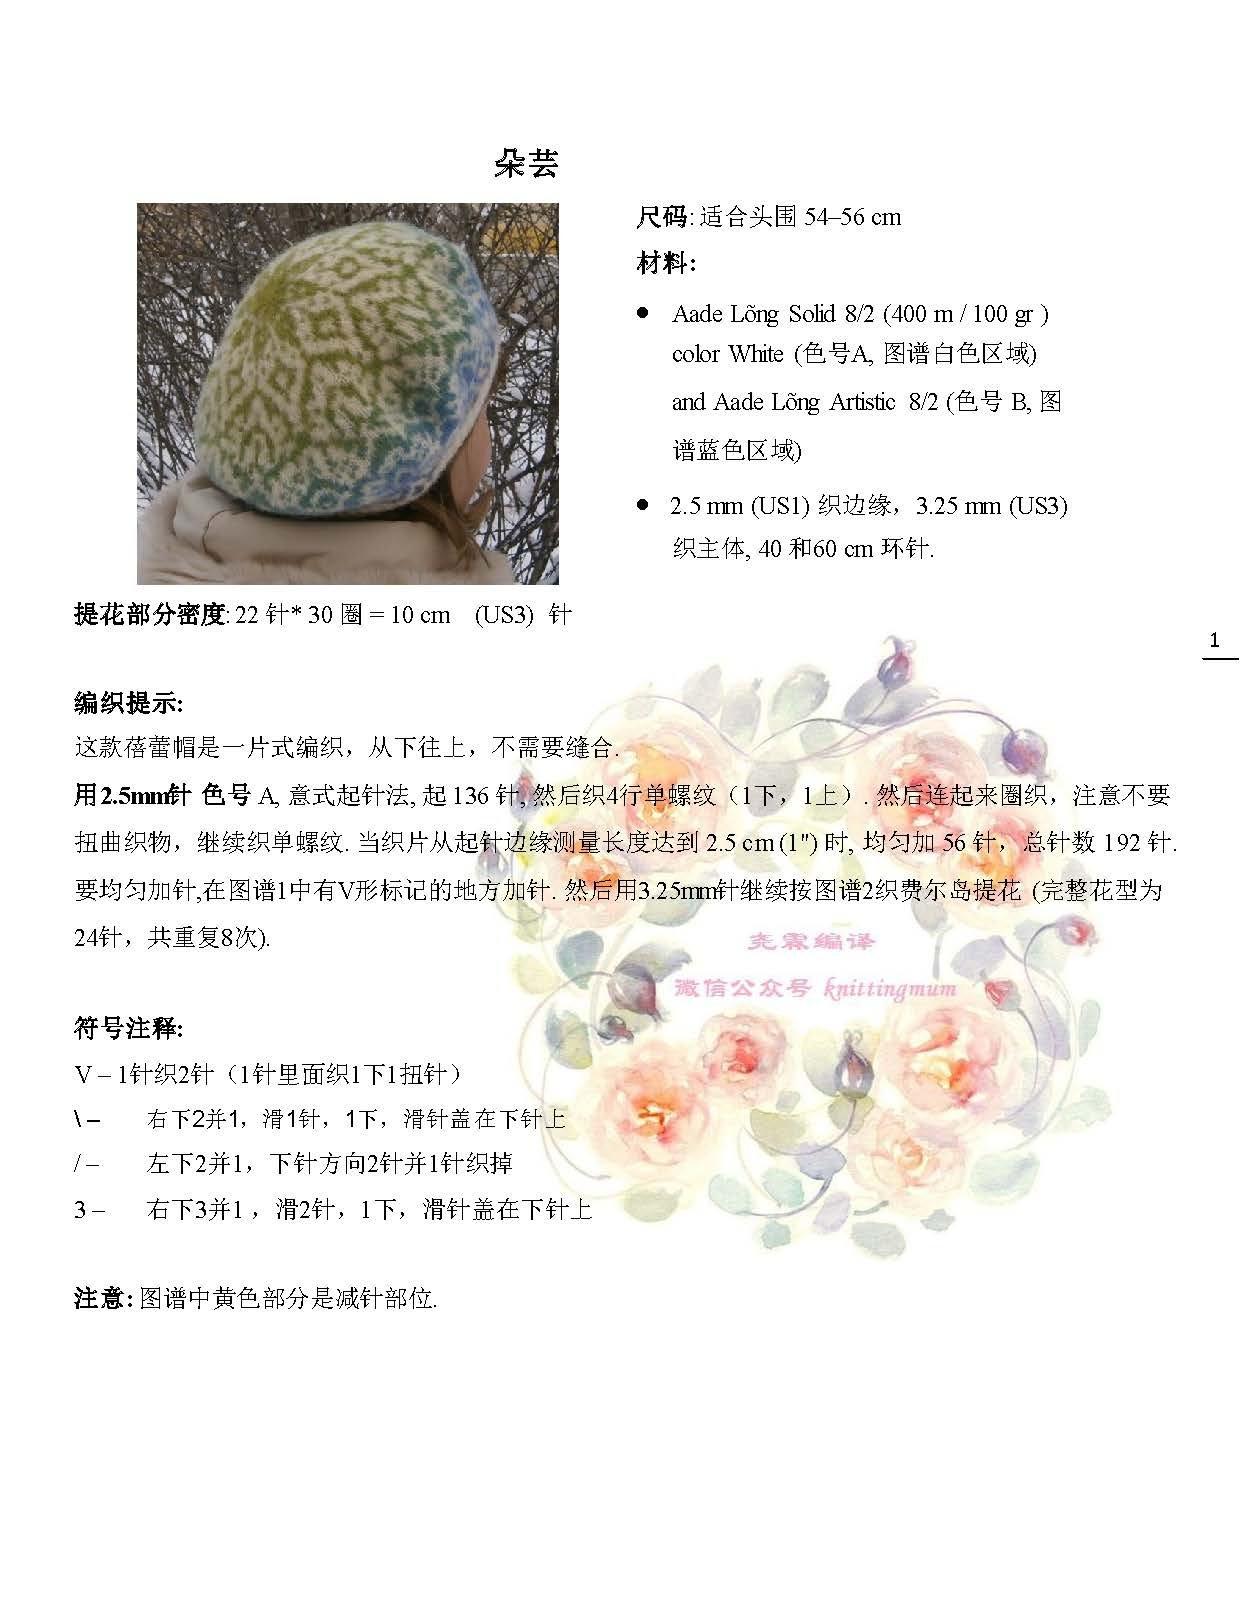 朵芸翻译稿_页面_1.jpg